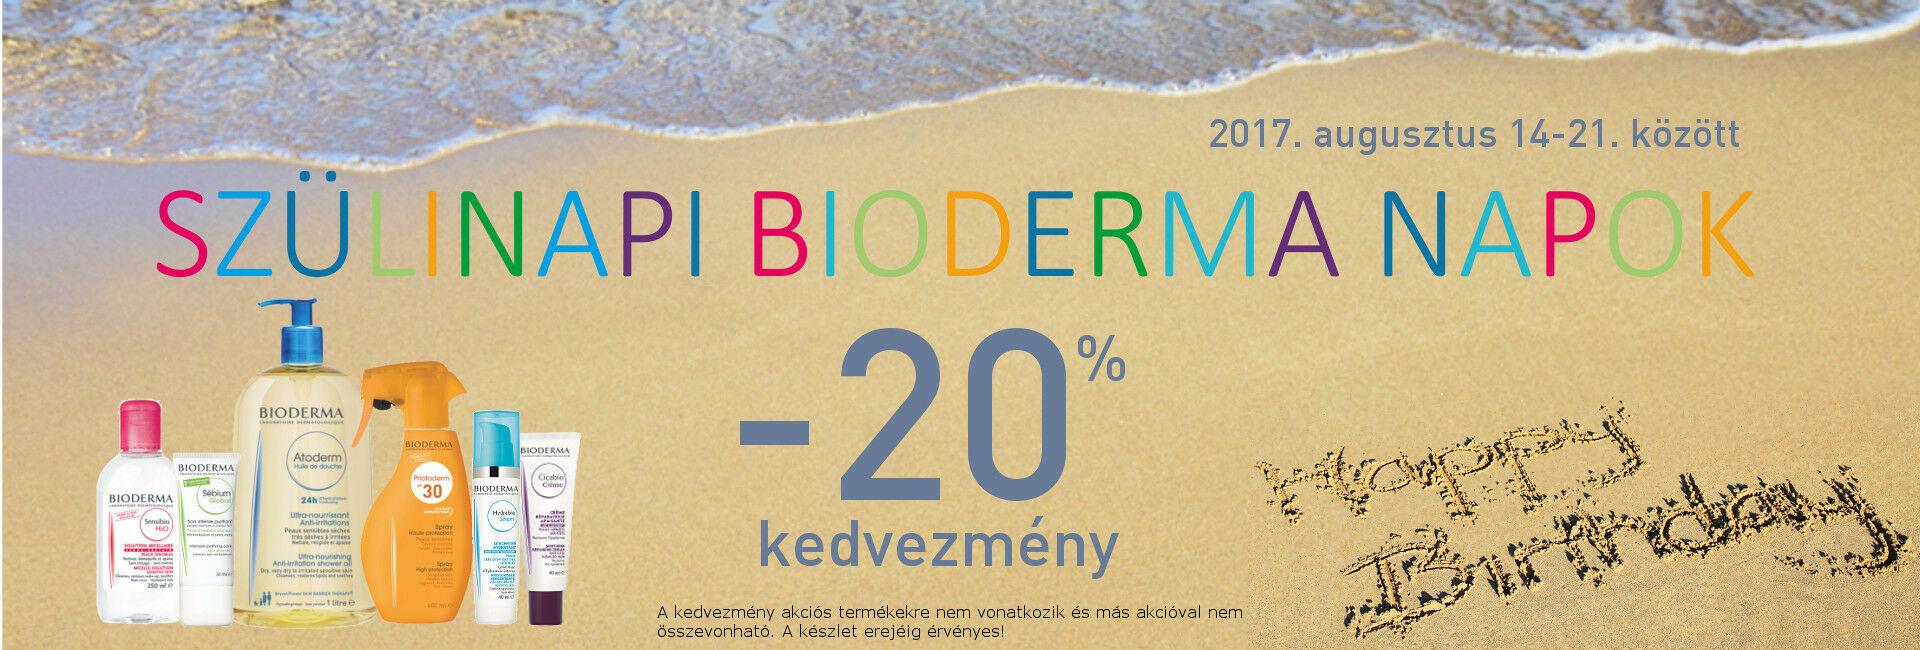 2017. augusztus 14-21. között minden Bioderma terméket 20% kedvezménnyel kínáljuk!